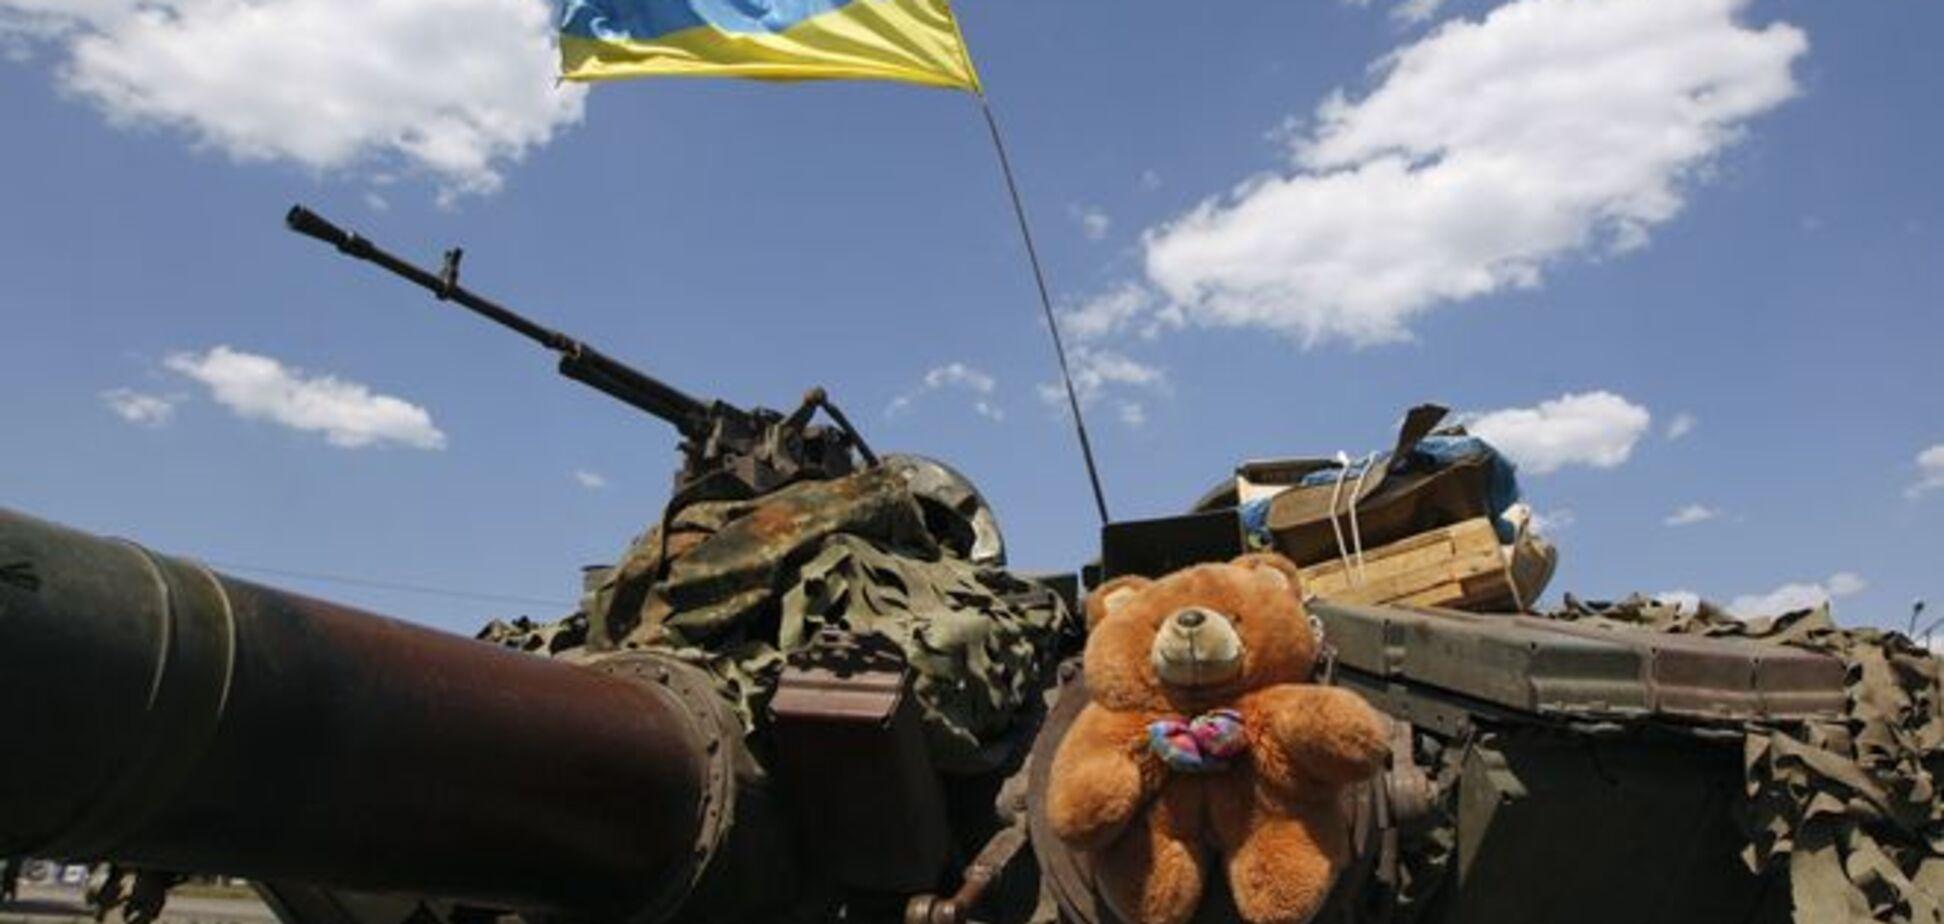 Погибшего на Донбассе бойца-добровольца призвали служить: скорбящая семья опубликовала повестку